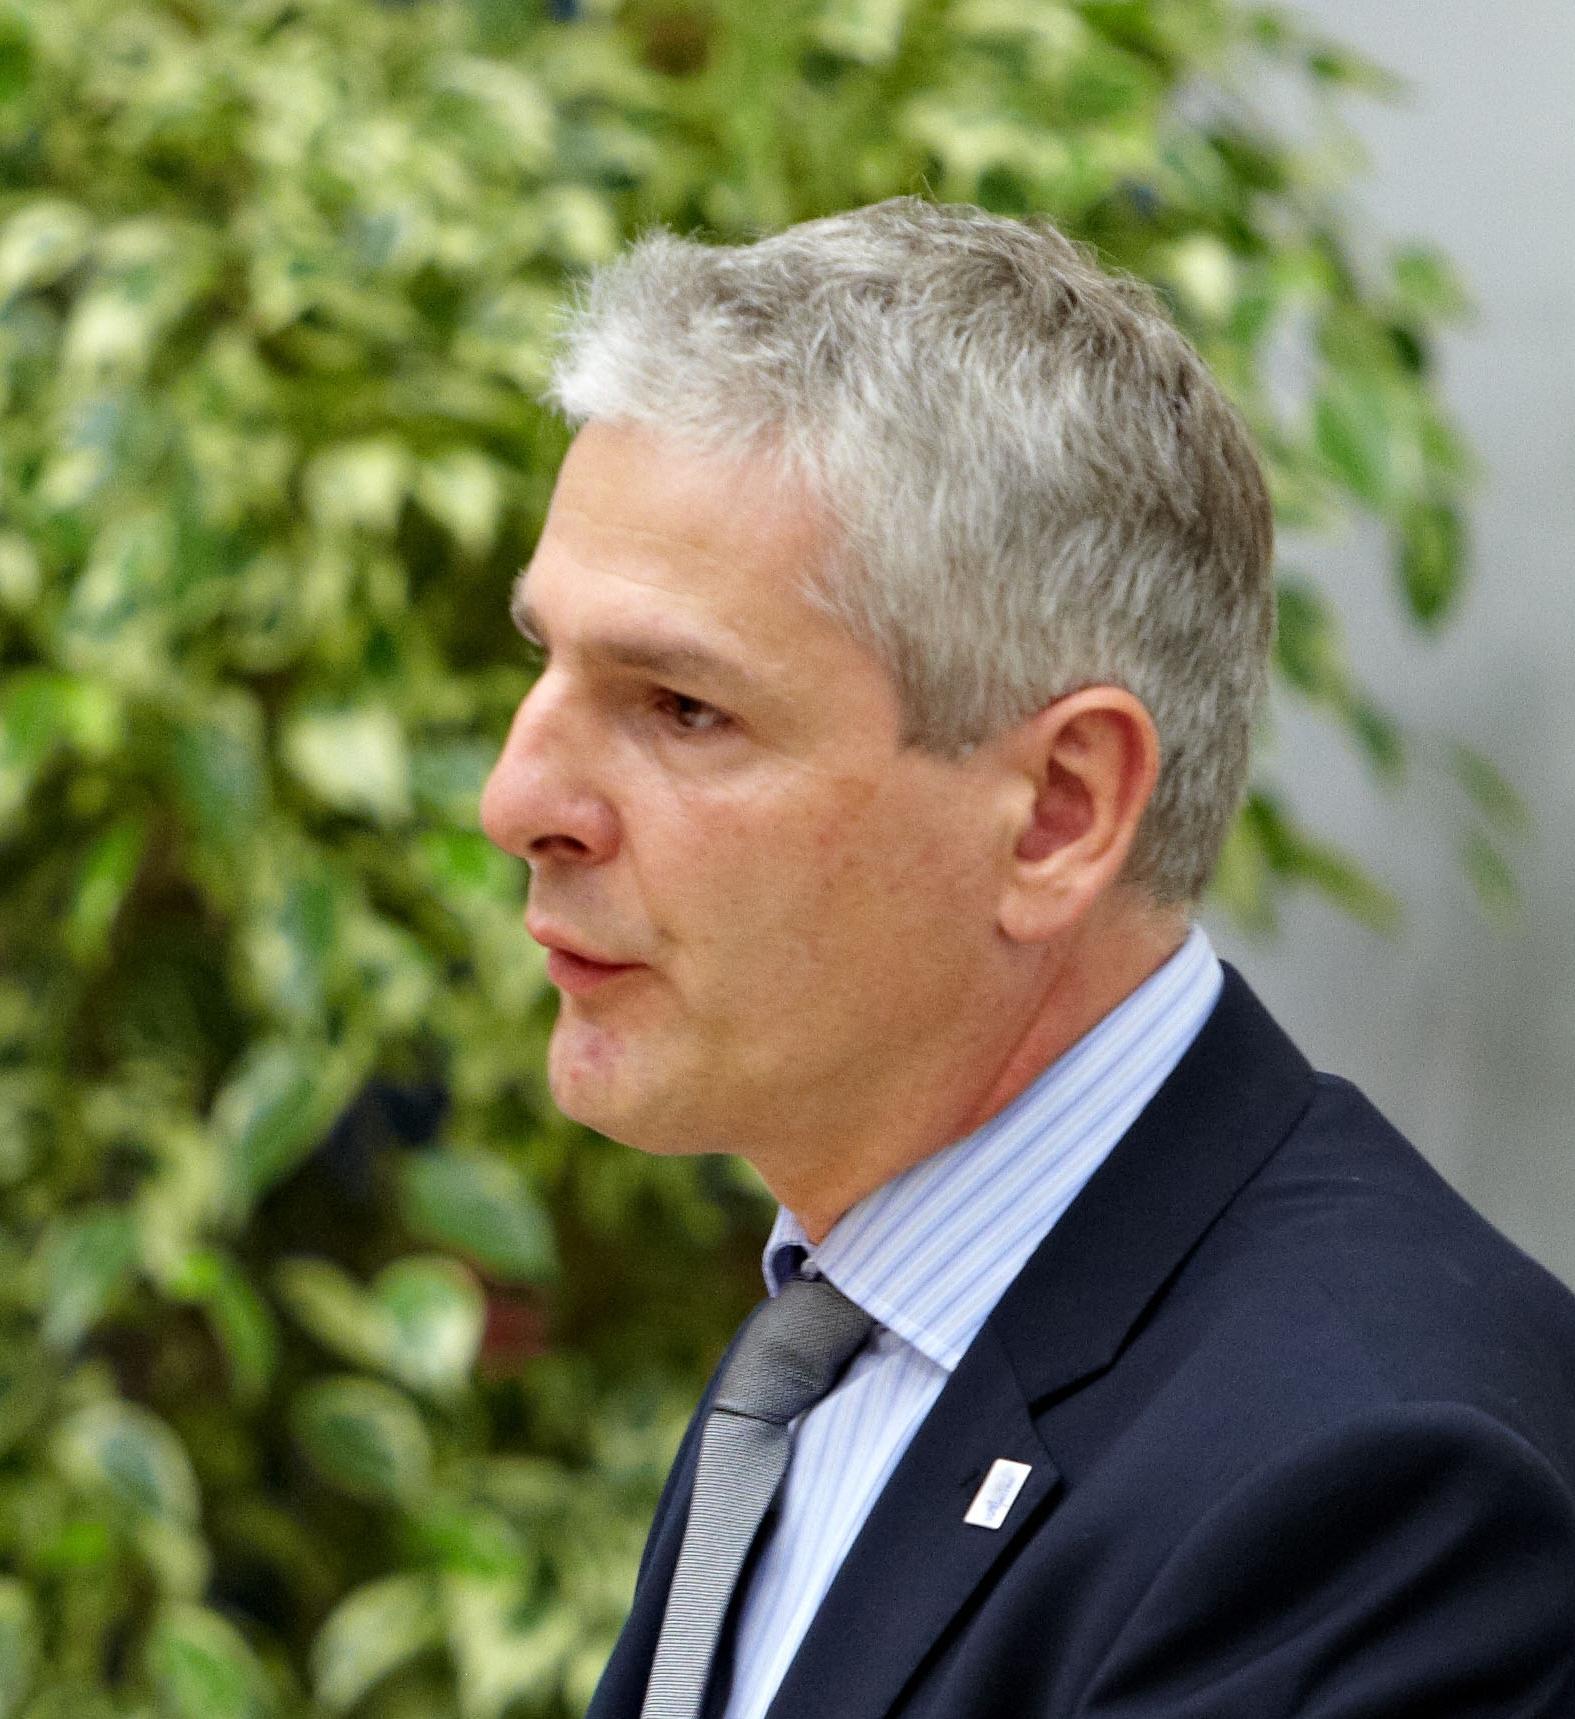 Jan Ihwe im Sprecherrat der DGWF-Landesgruppe Baden-Württemberg